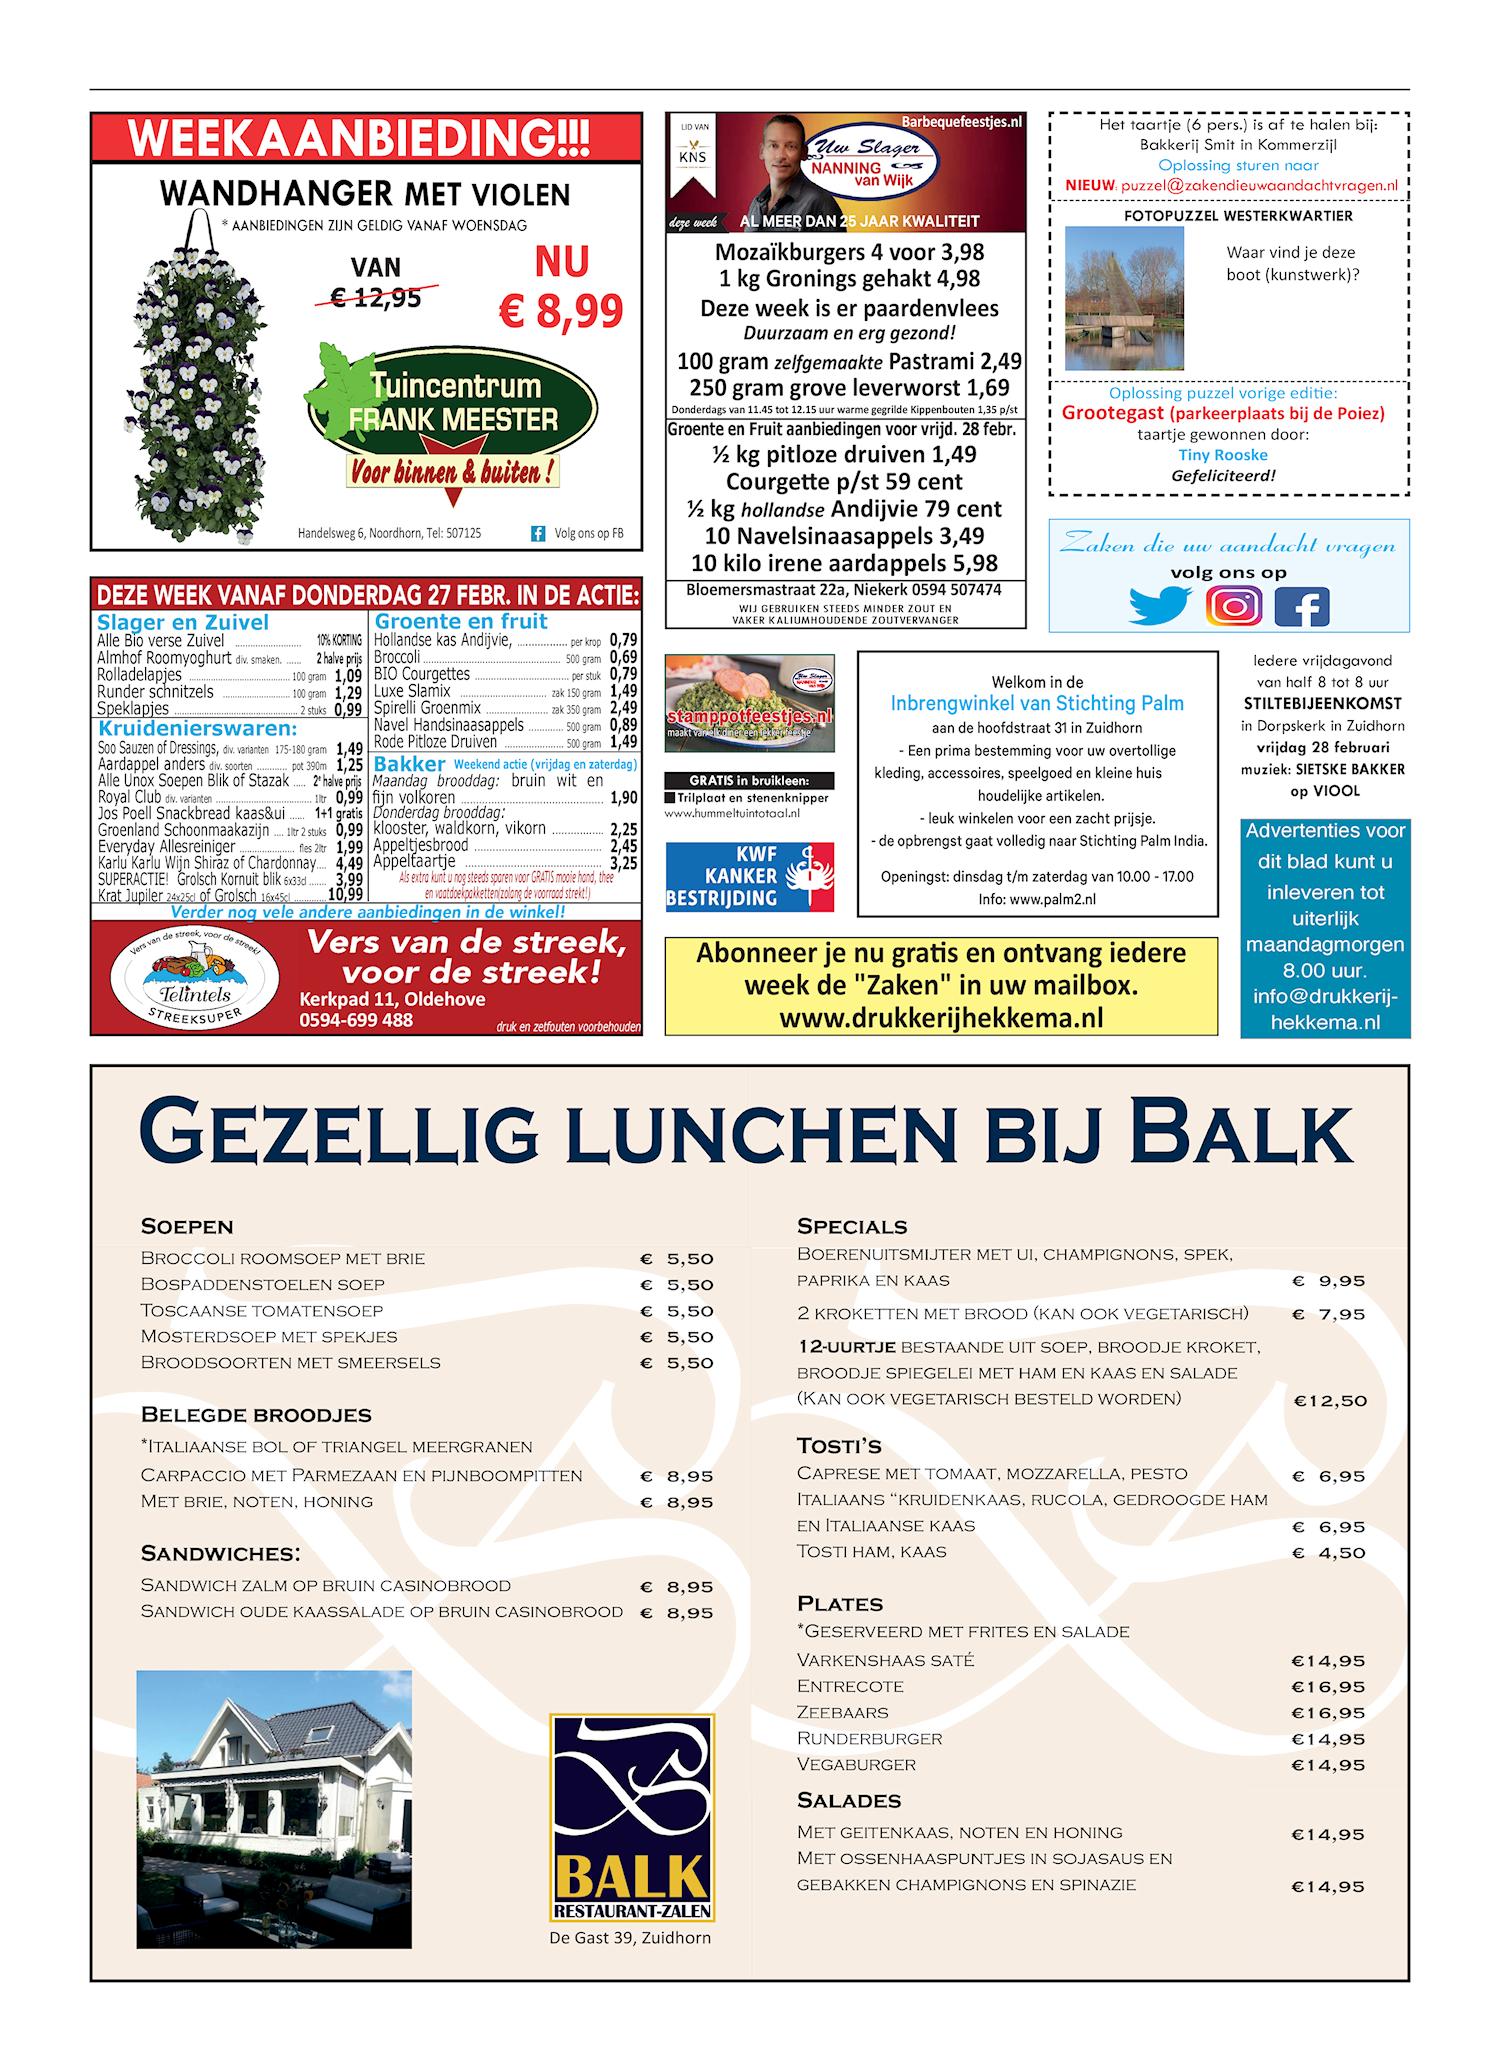 Drukkerij Hekkema - Zuidhorn - Zaken die uw aandacht vragen 2020 week 9